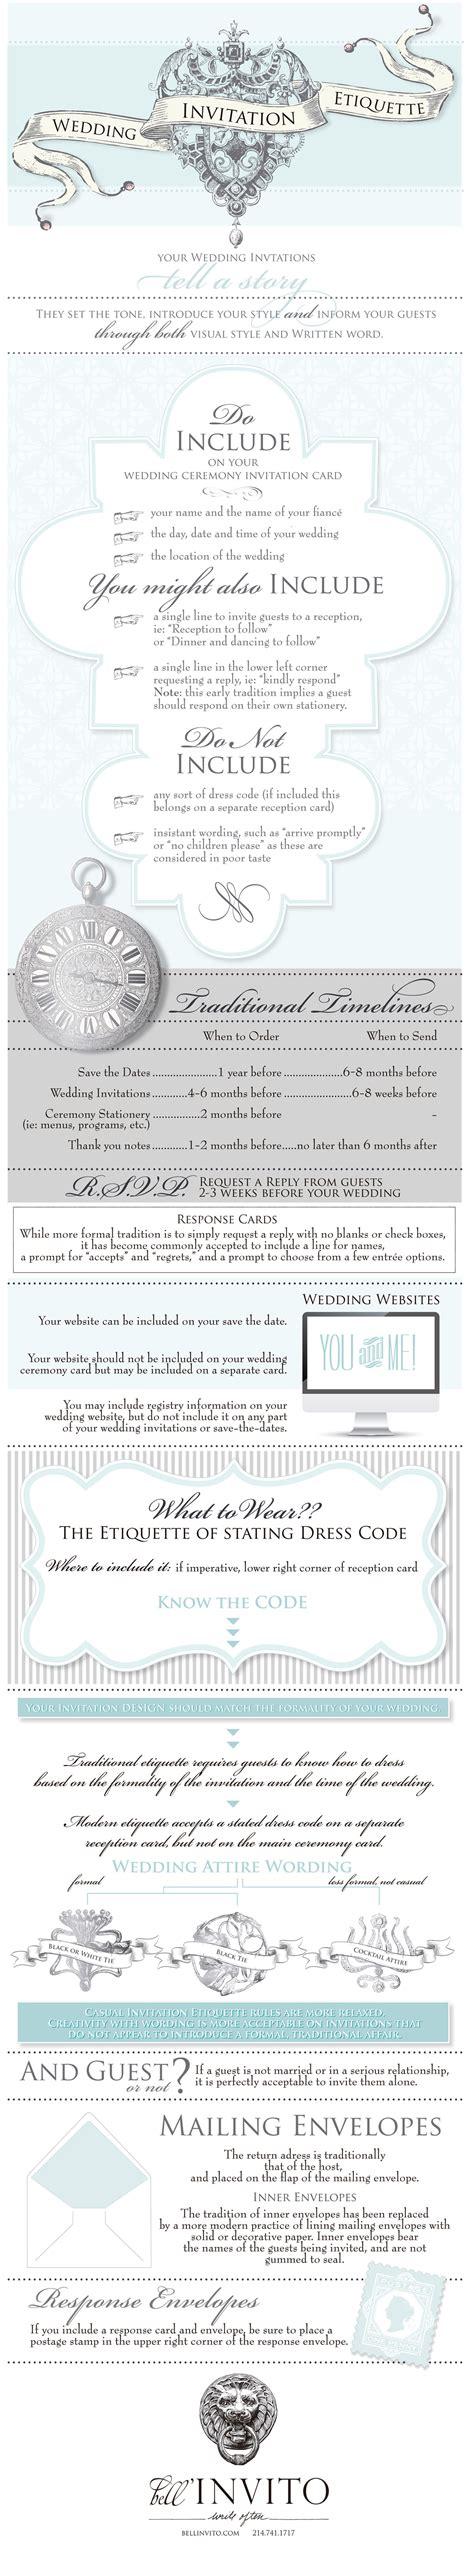 wedding invitation etiquette reply date wedding invitation wording etiquete